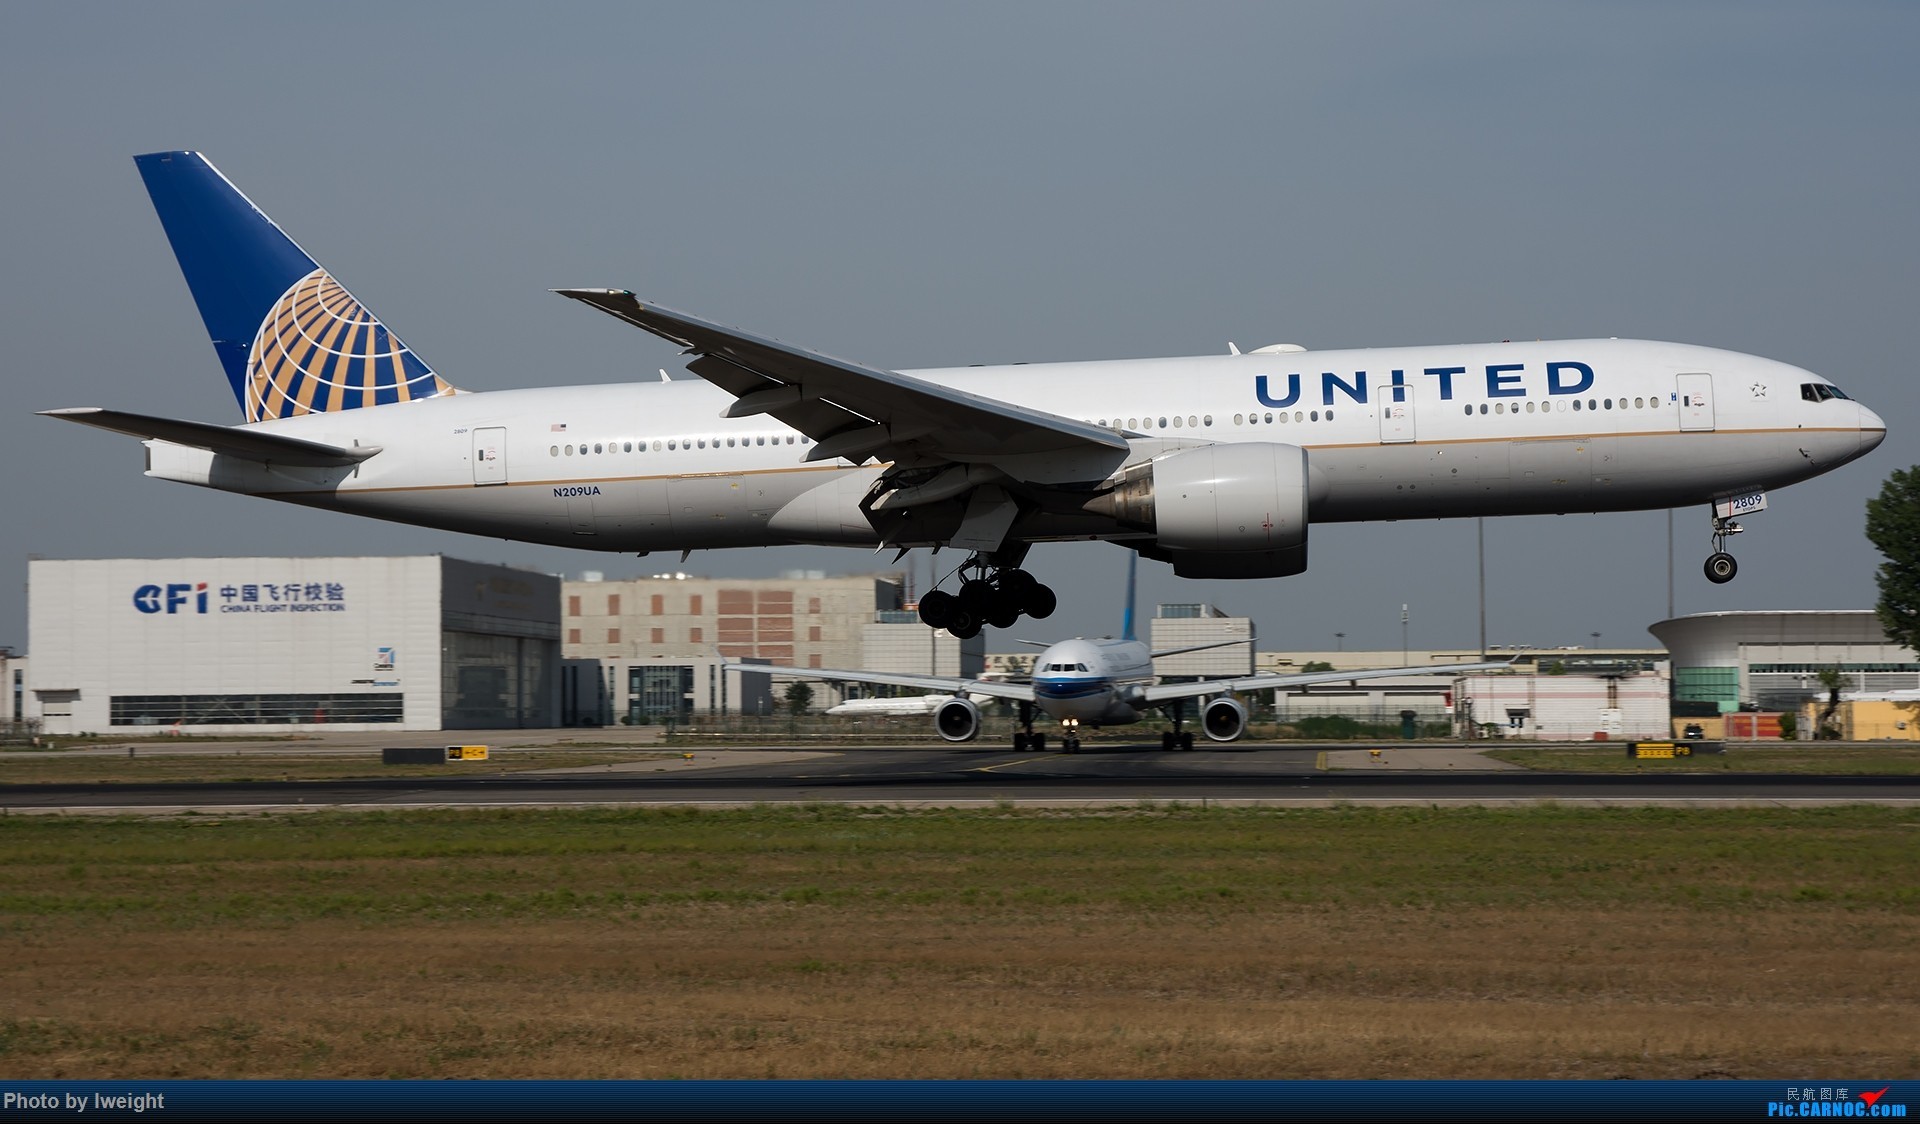 Re:[原创]很不错的天气,18R一组 BOEING 777-200 N209UA 中国北京首都国际机场